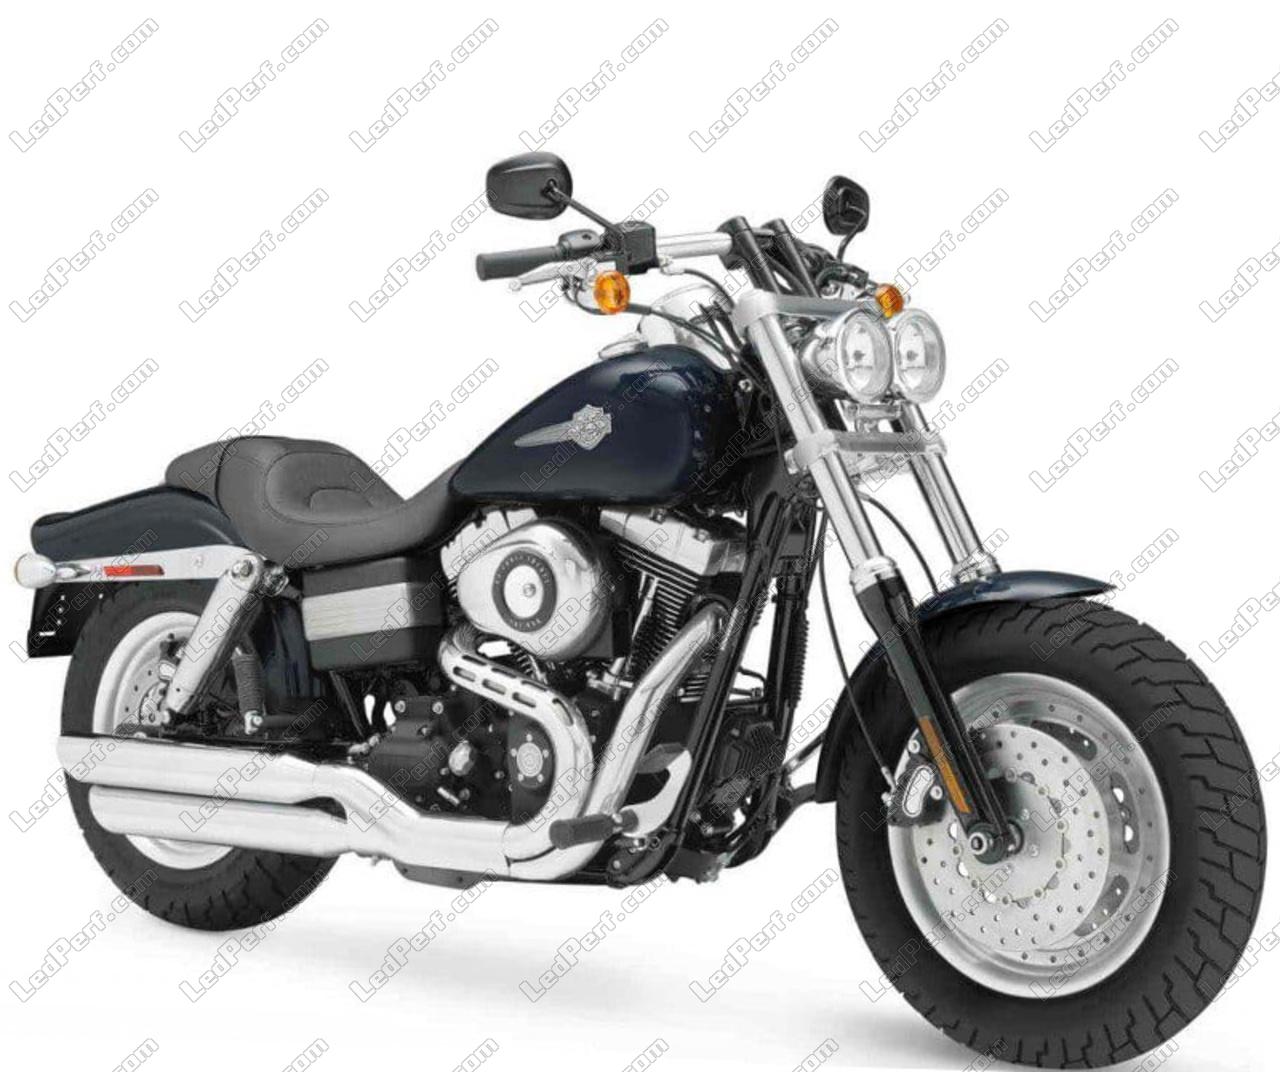 Harley Davidson Fat Bob >> Pack Front Led Turn Signal For Harley Davidson Fat Bob 1584